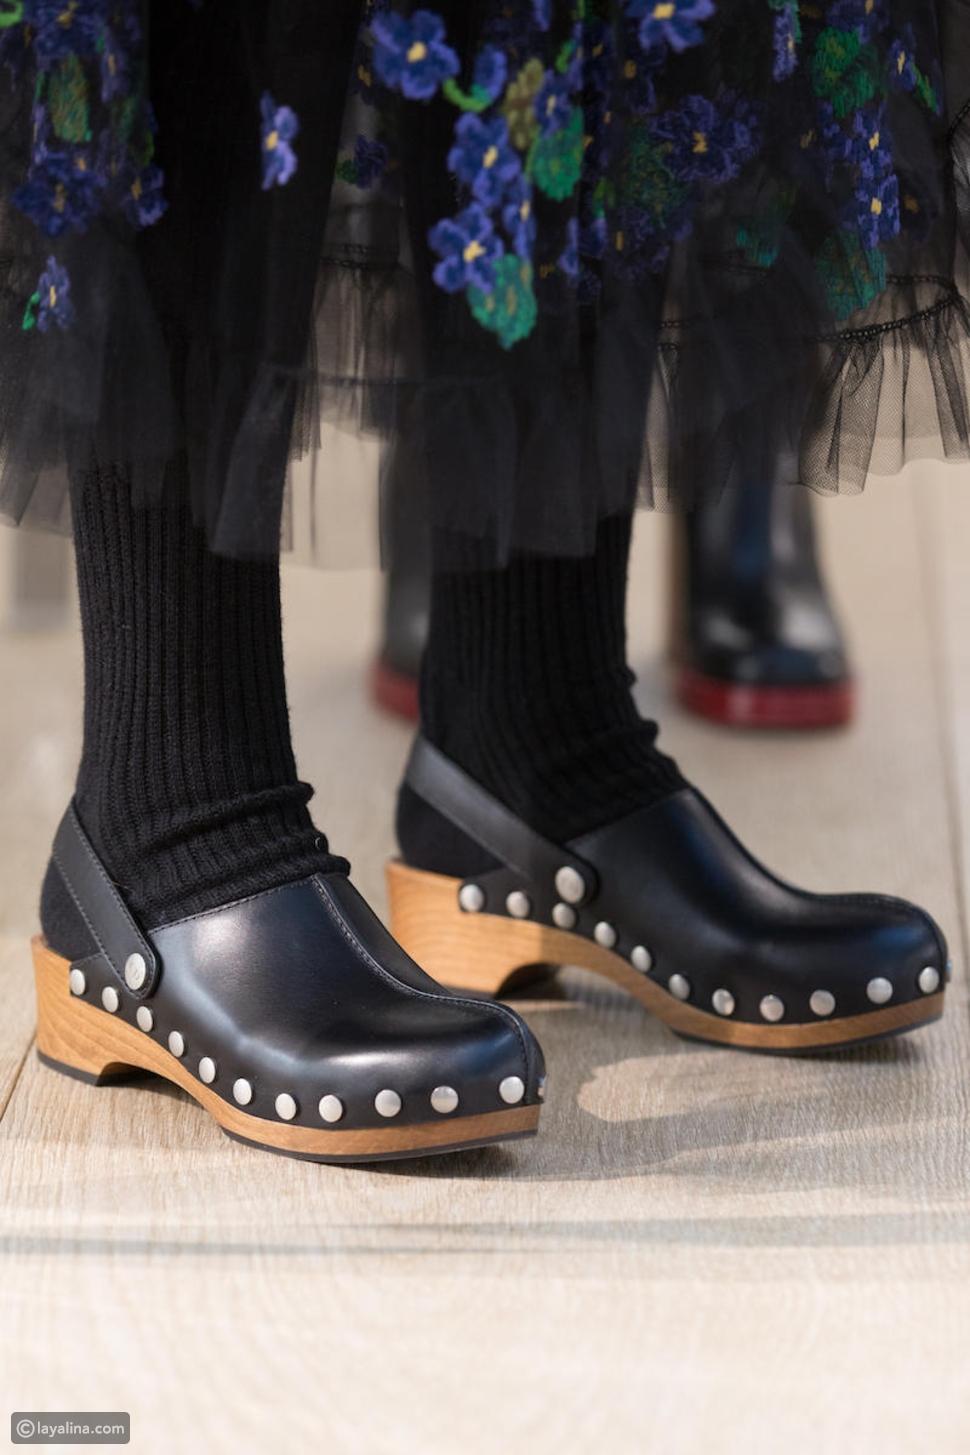 أحذيةclogs الخشبية